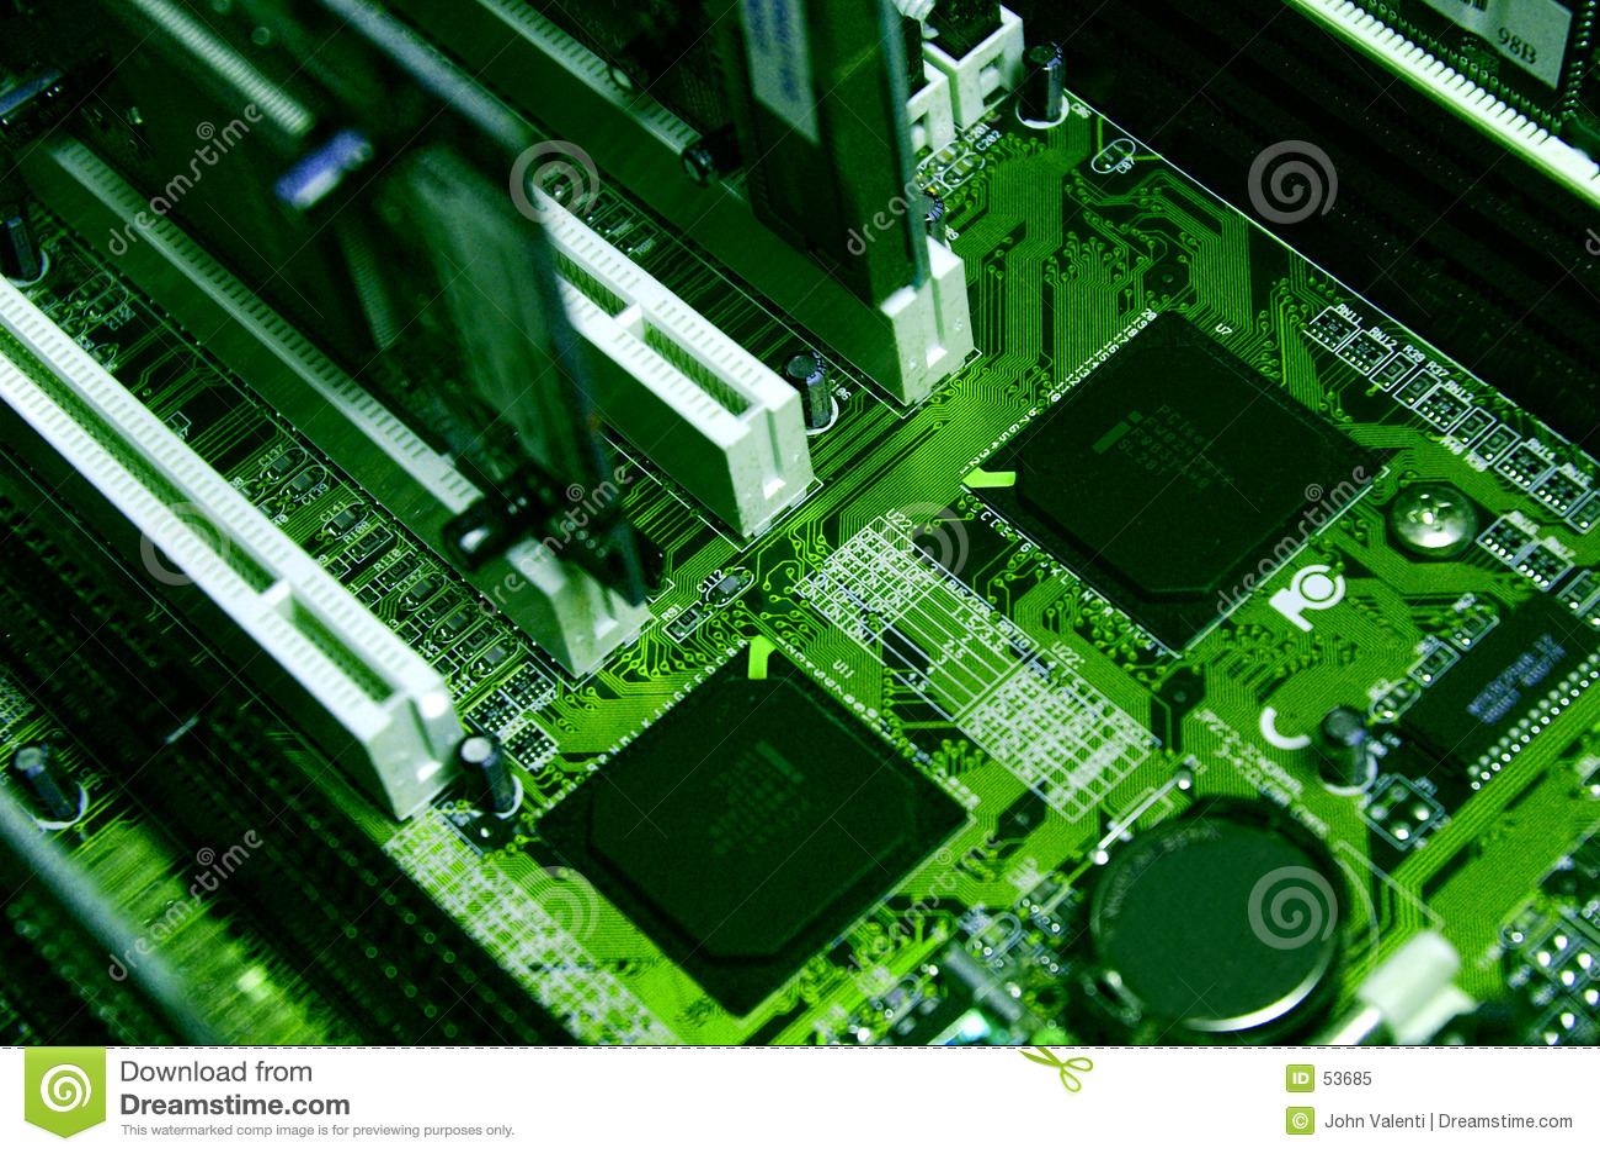 ПК компонентов зеленый